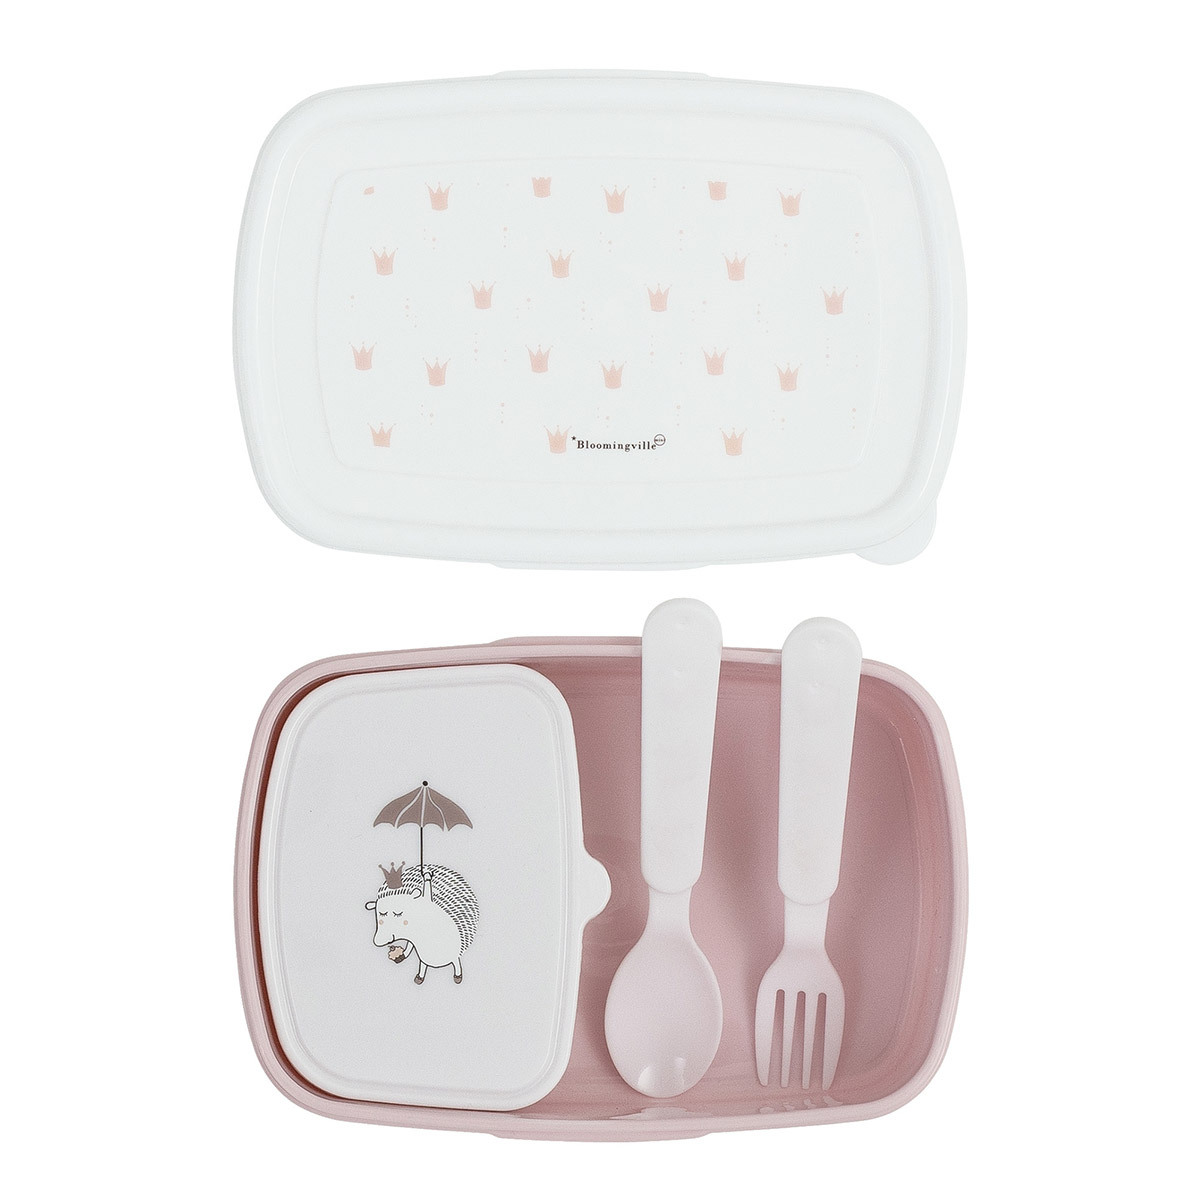 Vaisselle & Couvert Lunch Box Princess 4 Pièces Rose Lunch Box Princess 4 Pièces Rose